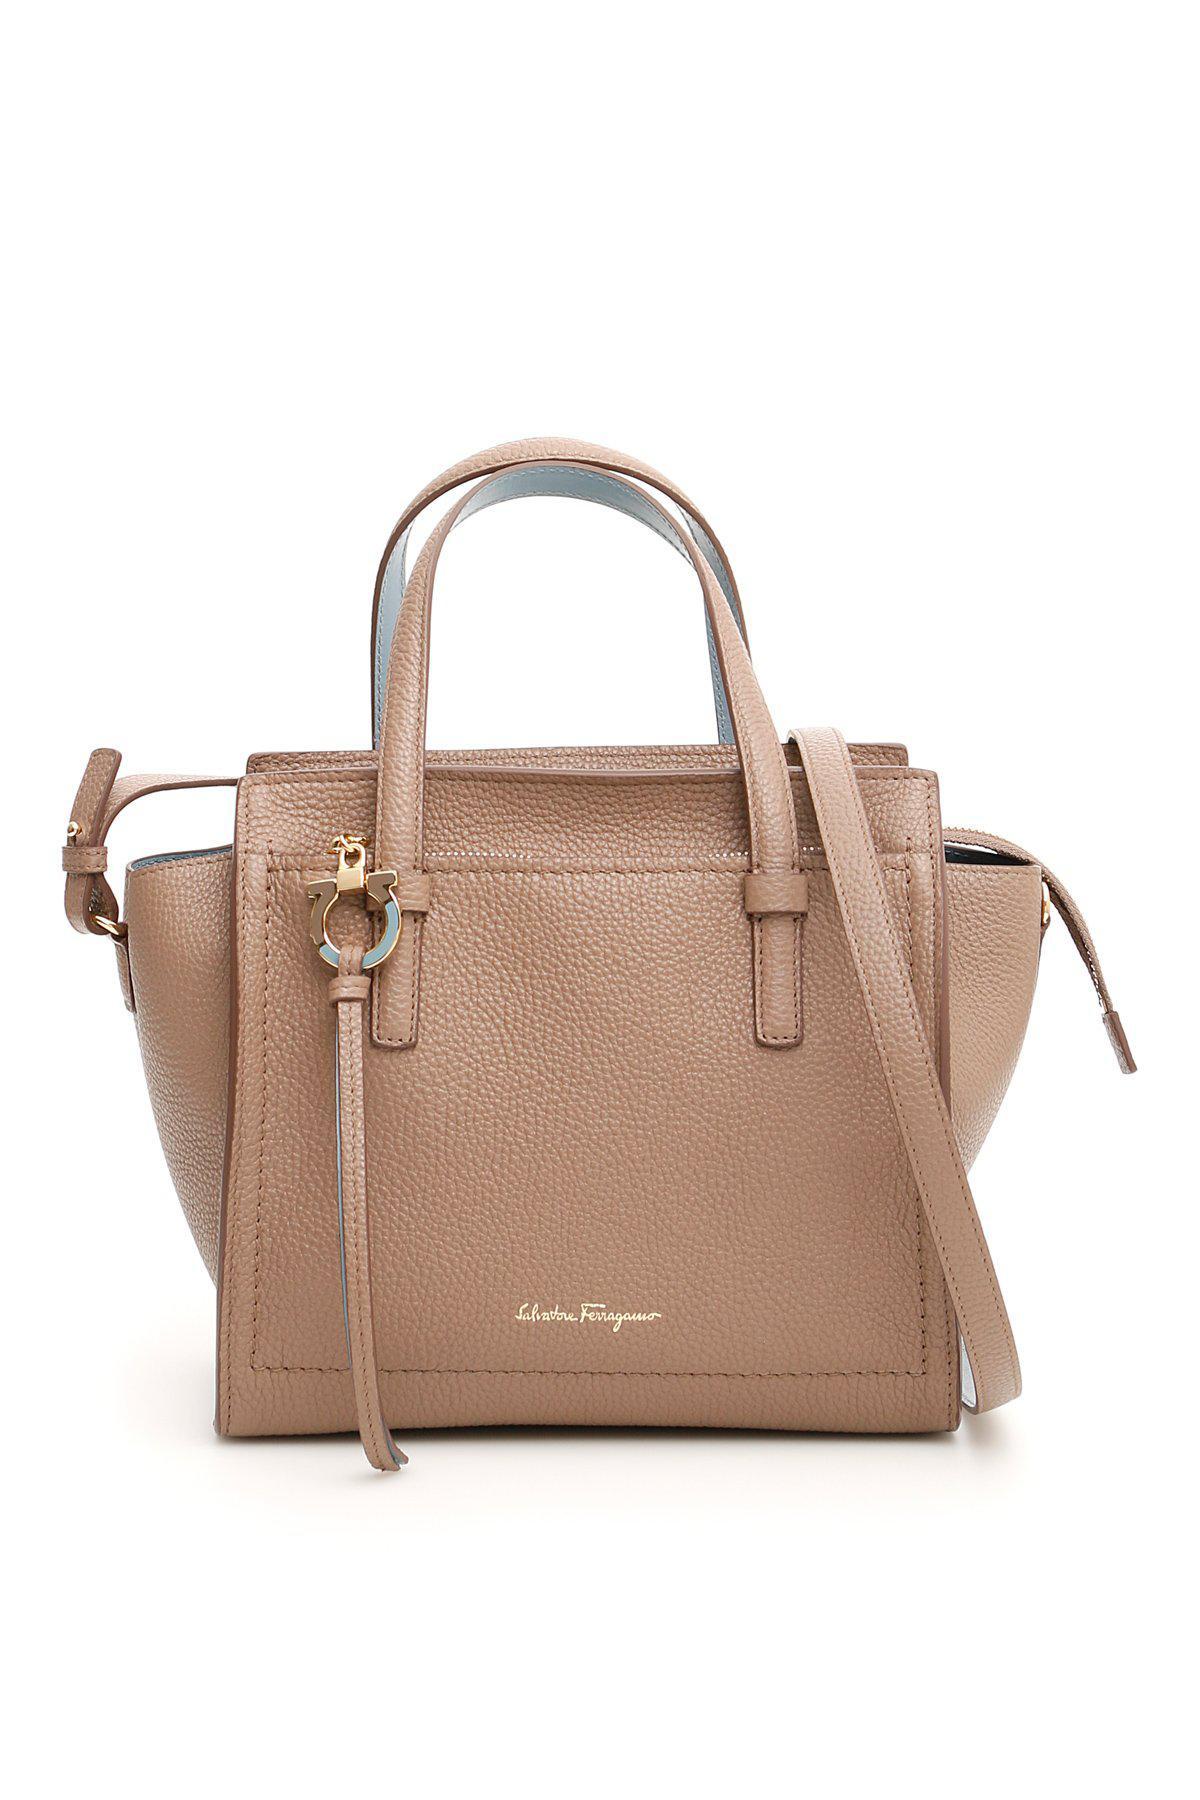 c20db6ae262a Ferragamo Amy Tote Bag in Brown - Lyst